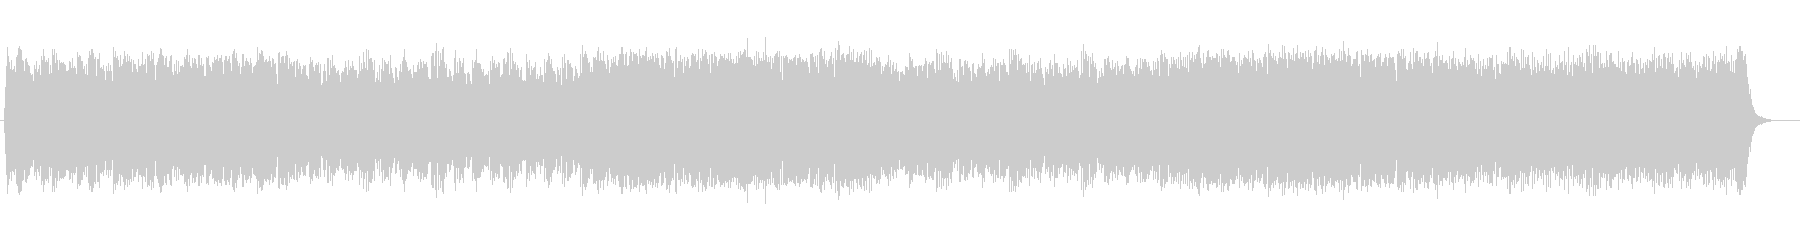 ファンタジックなシンセサイザーサウンドの未再生の波形